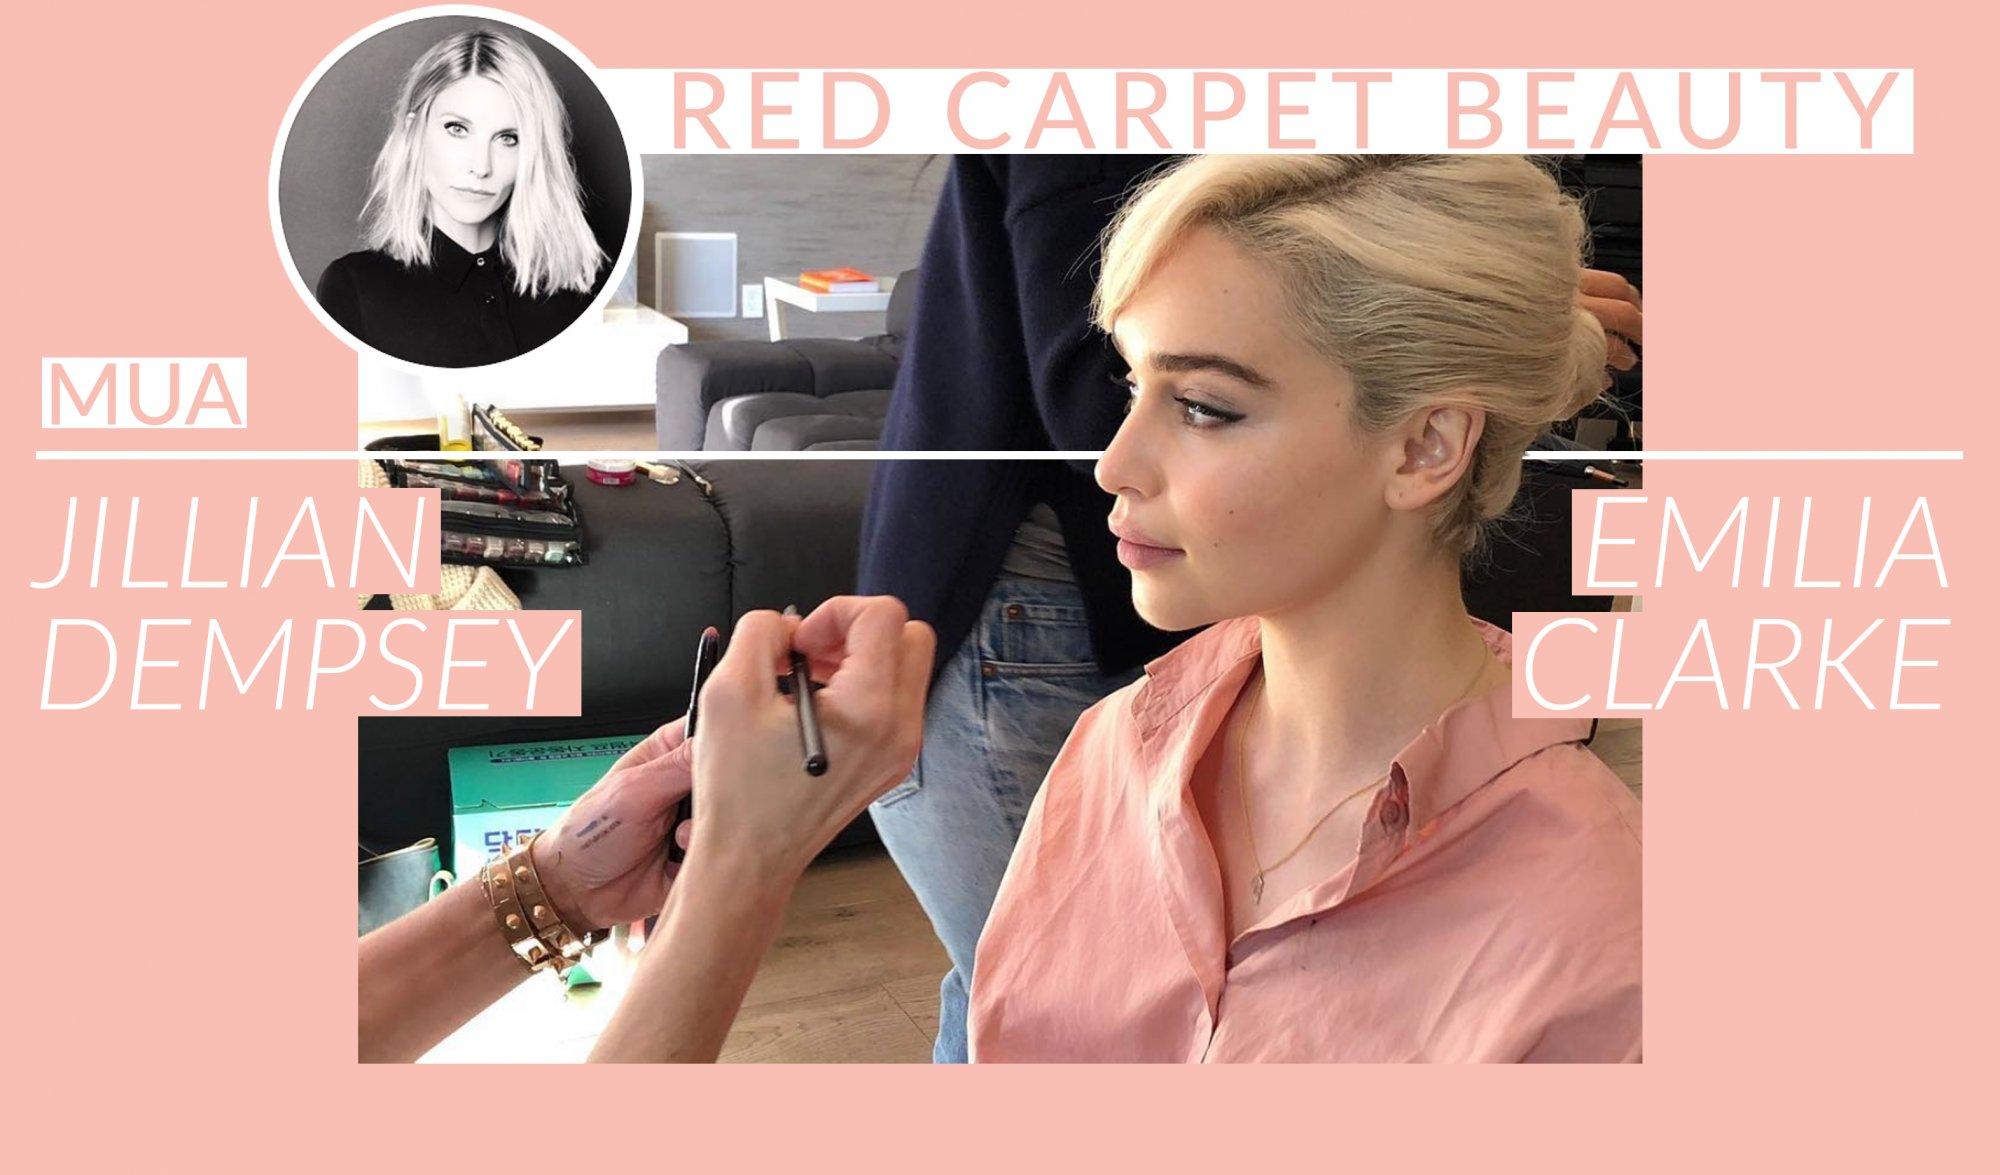 Jillian Dempsey Emilia Clarke Makeup